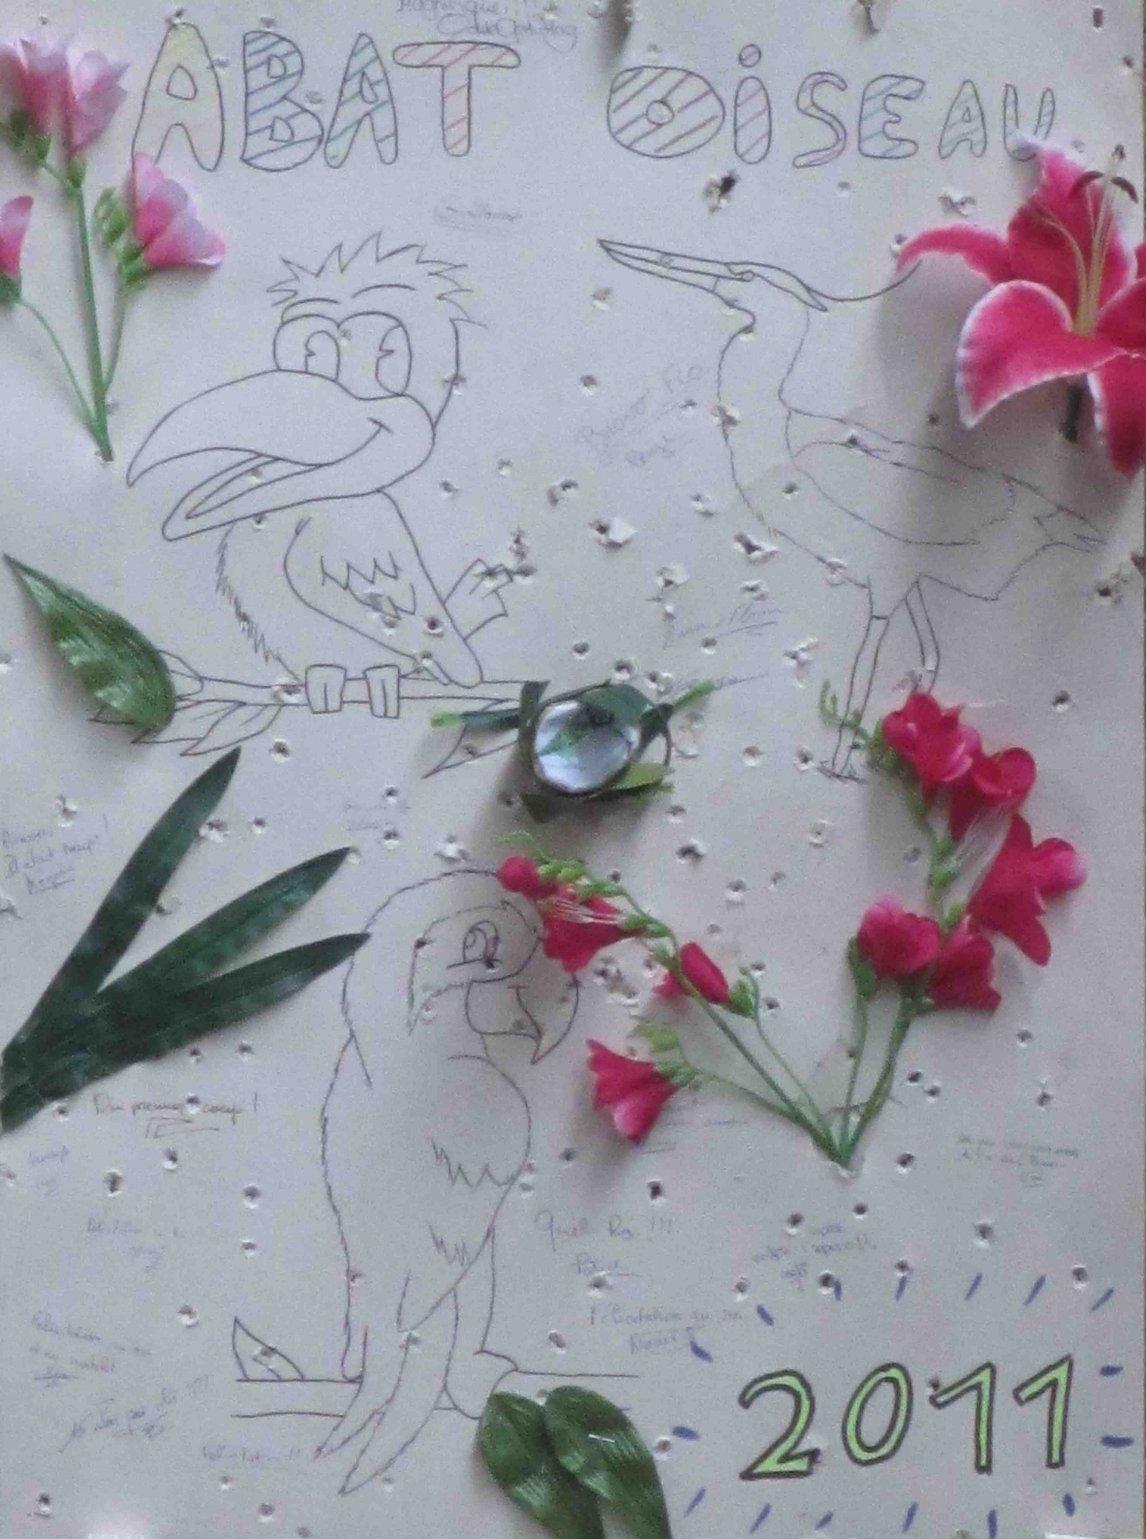 Abat Oiseau 2011